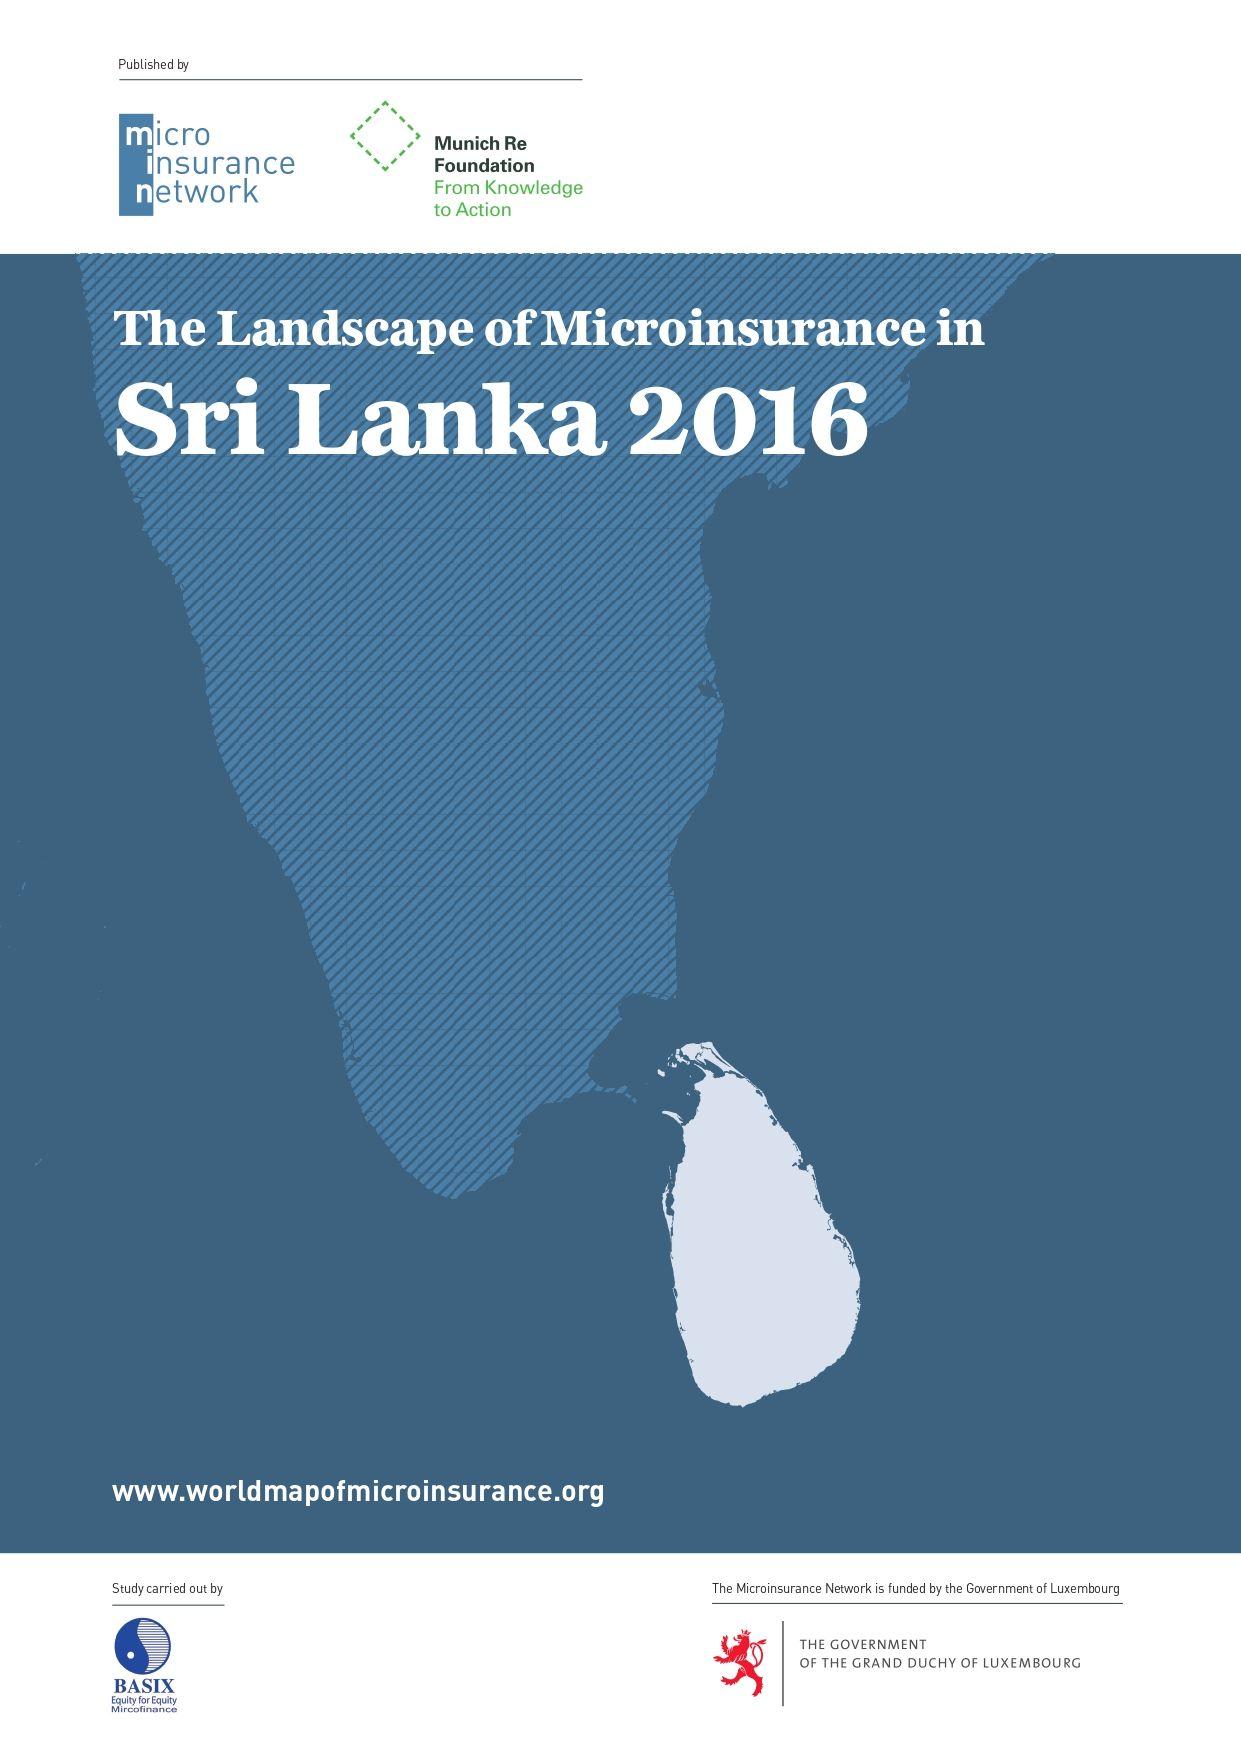 Landscape of microinsurance in Sri Lanka 2016-1_page-0001.jpg